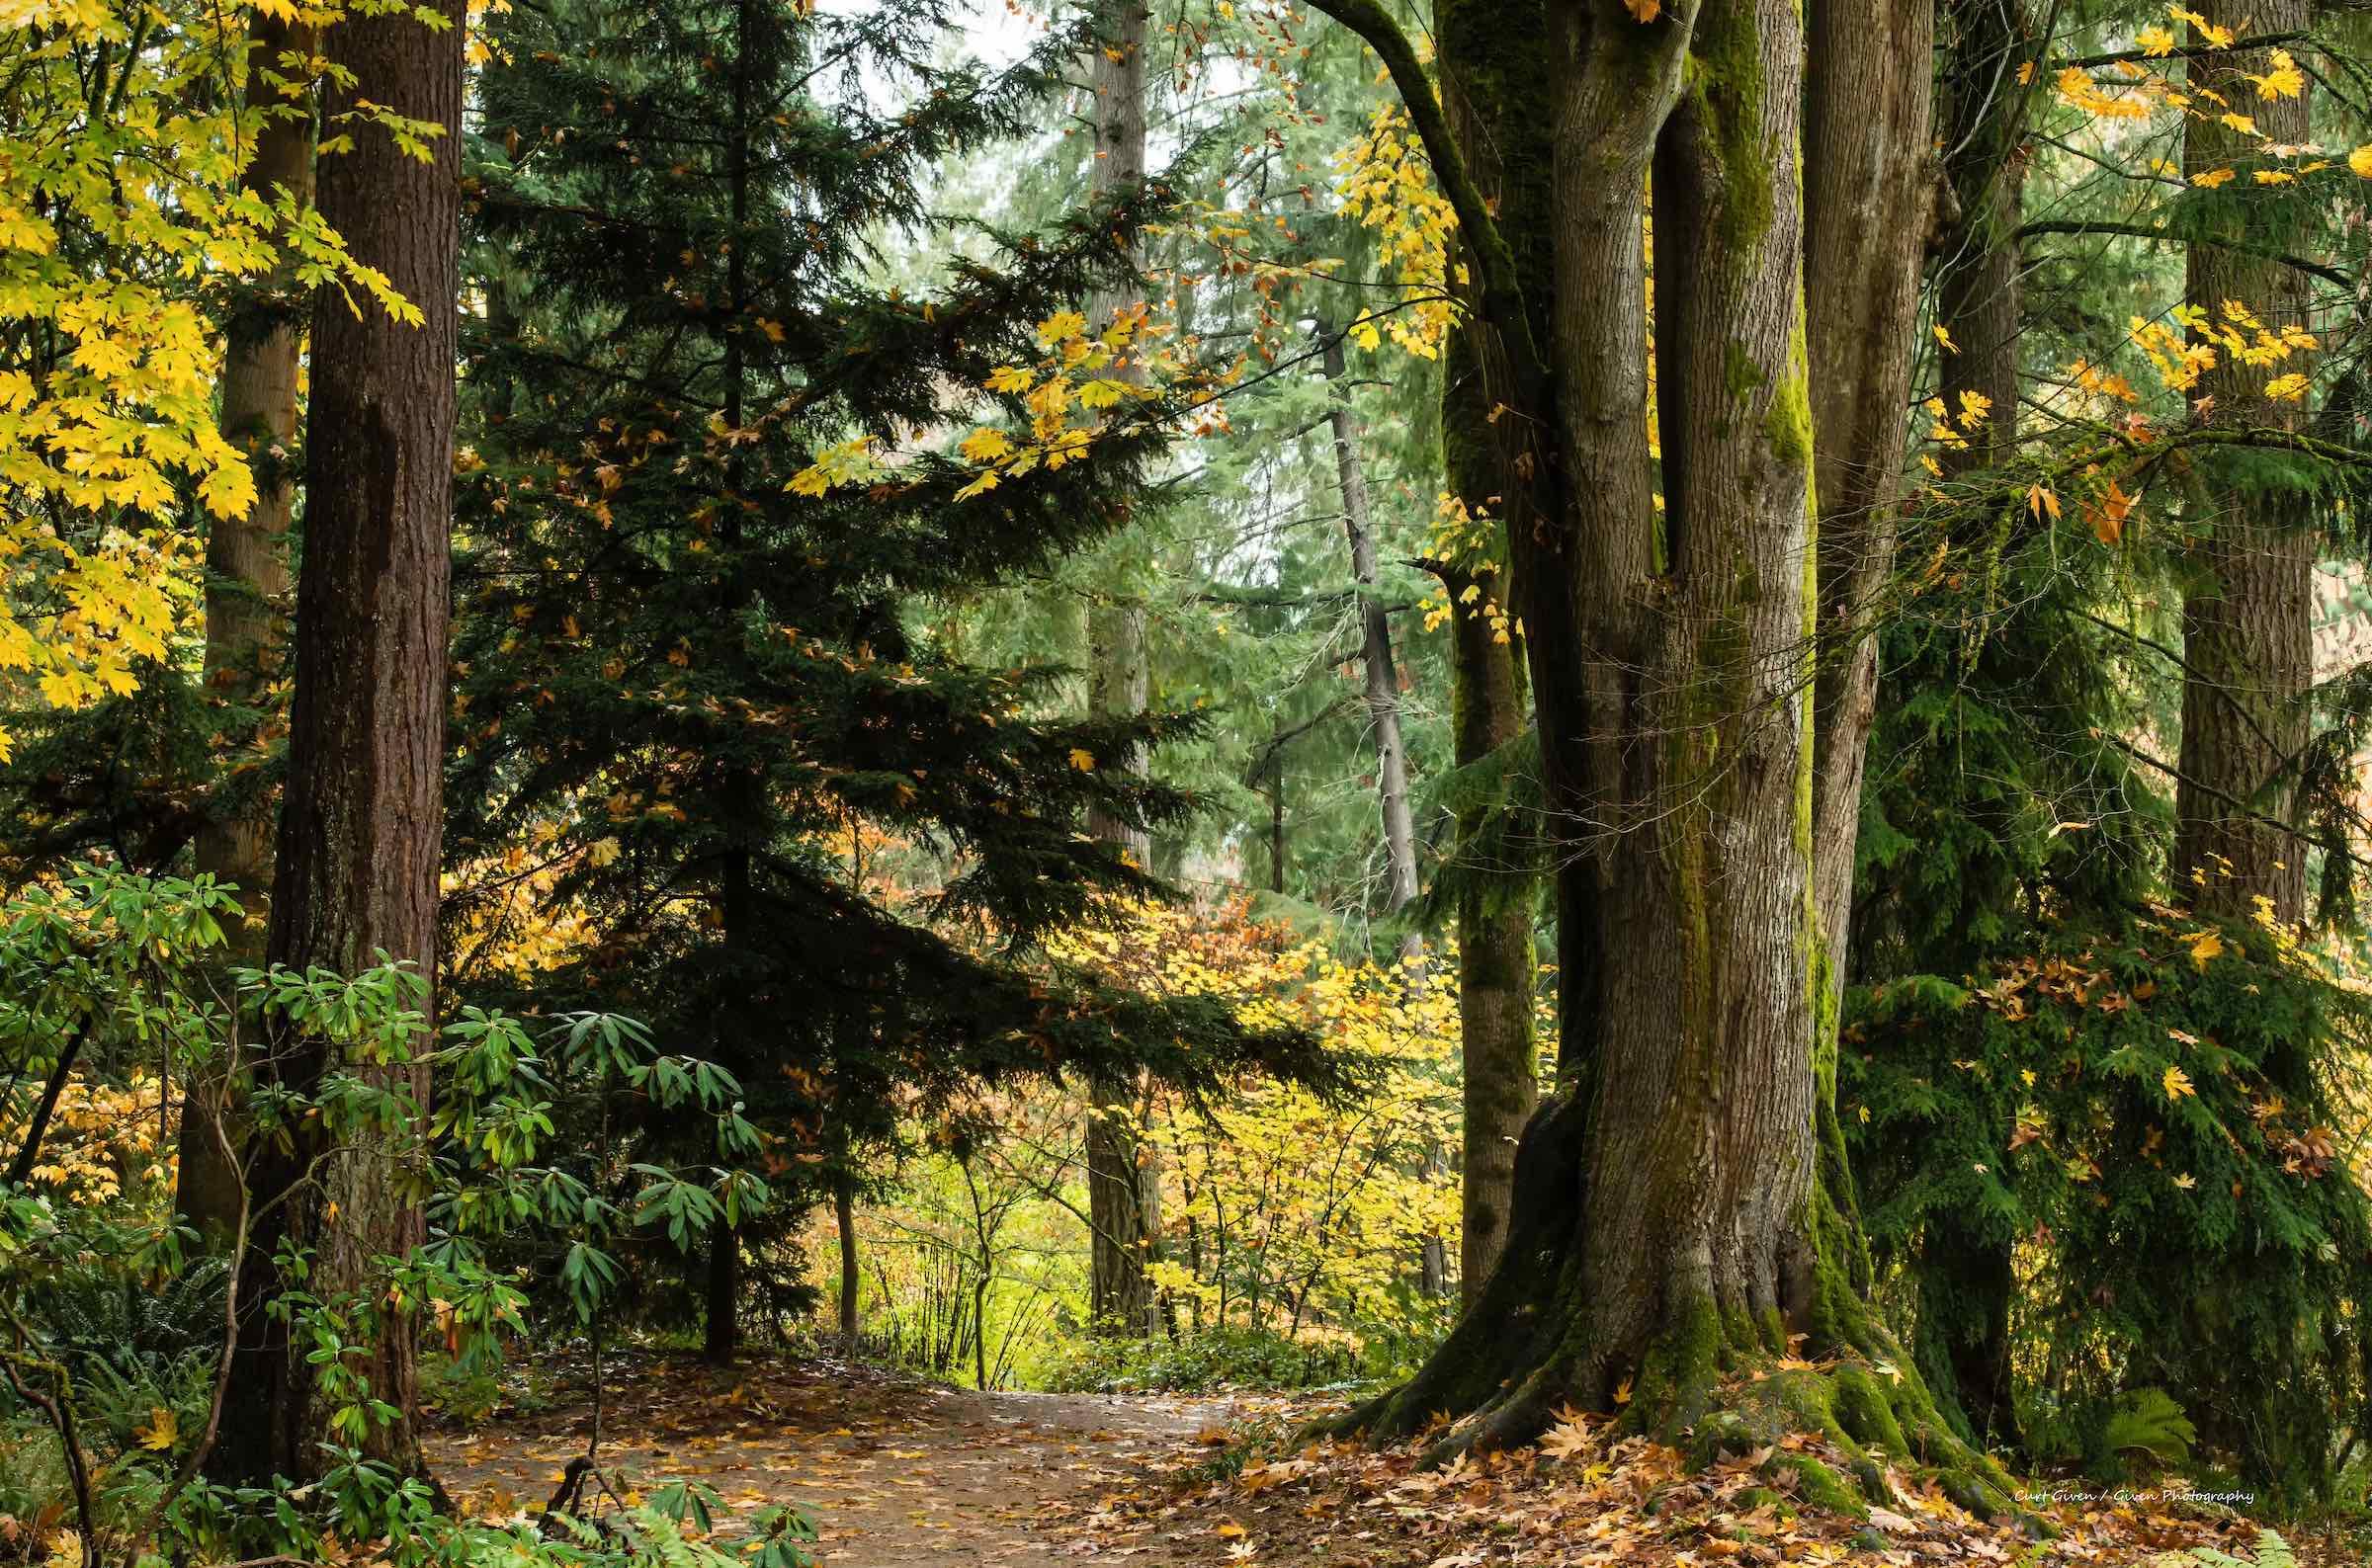 Washington park arboretum, seattle. © given photography 2018